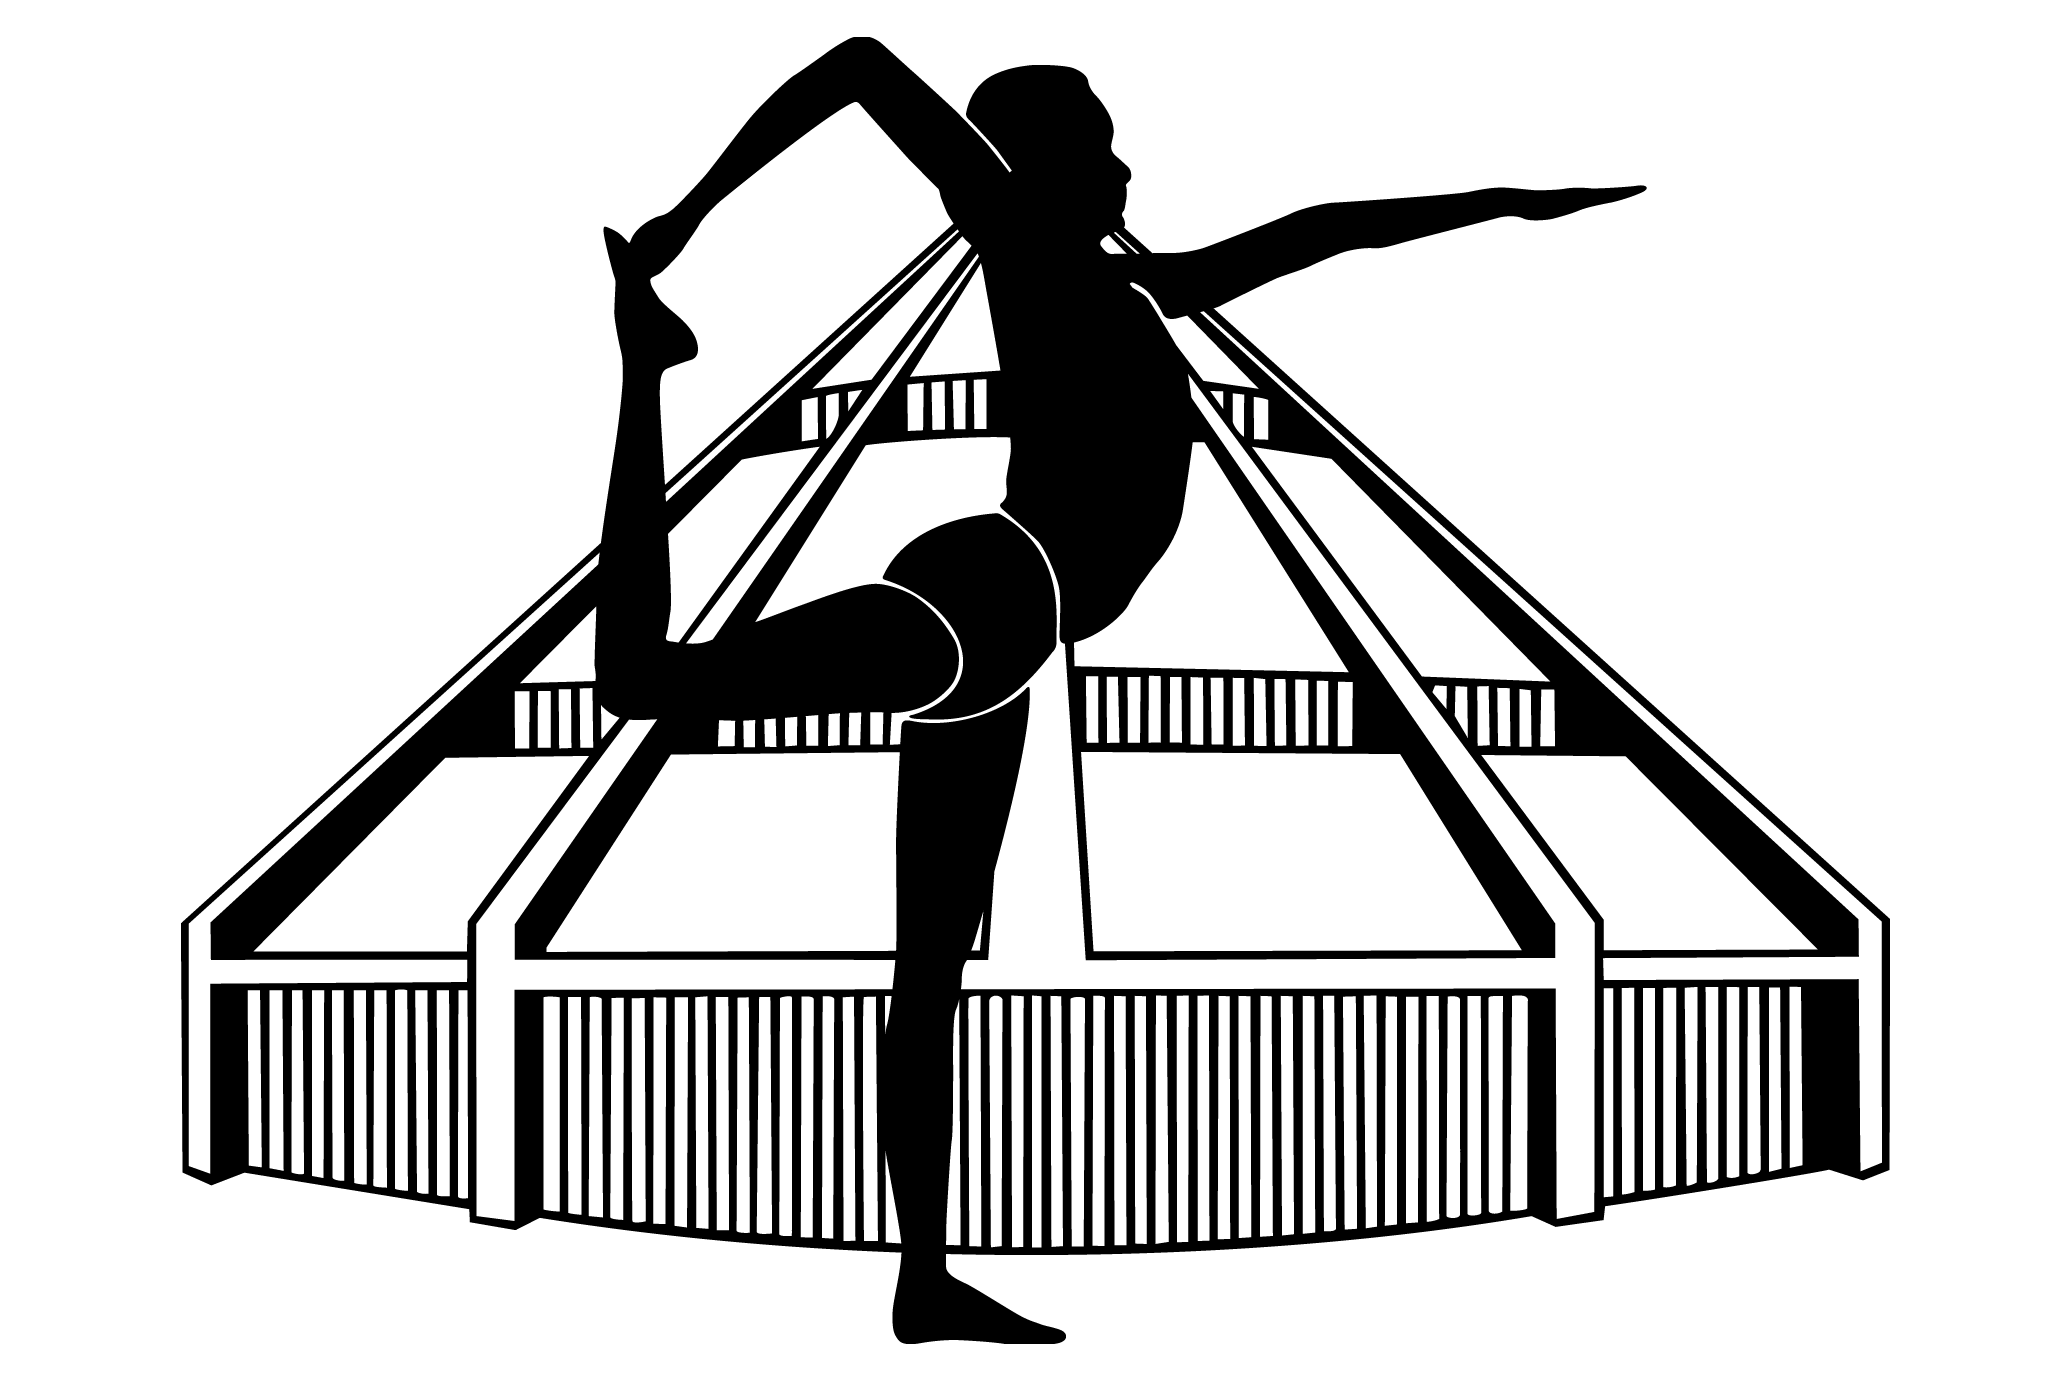 logo-iyengar31.png